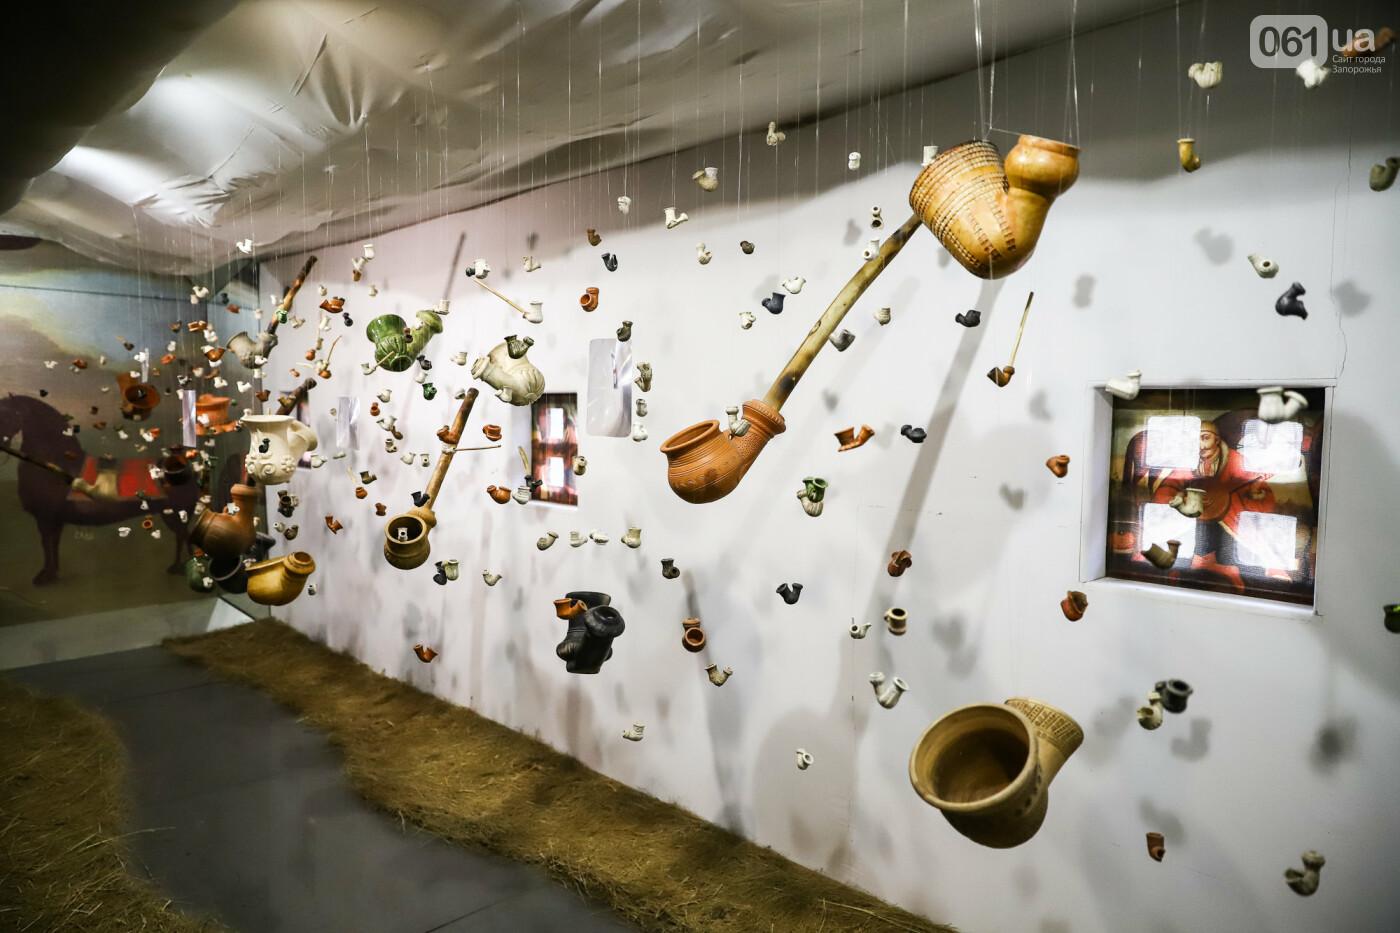 На Запорожской Сечи пополнилась уникальная коллекция казацких люлек: что курили казаки и о чем может рассказать трубка, фото-17